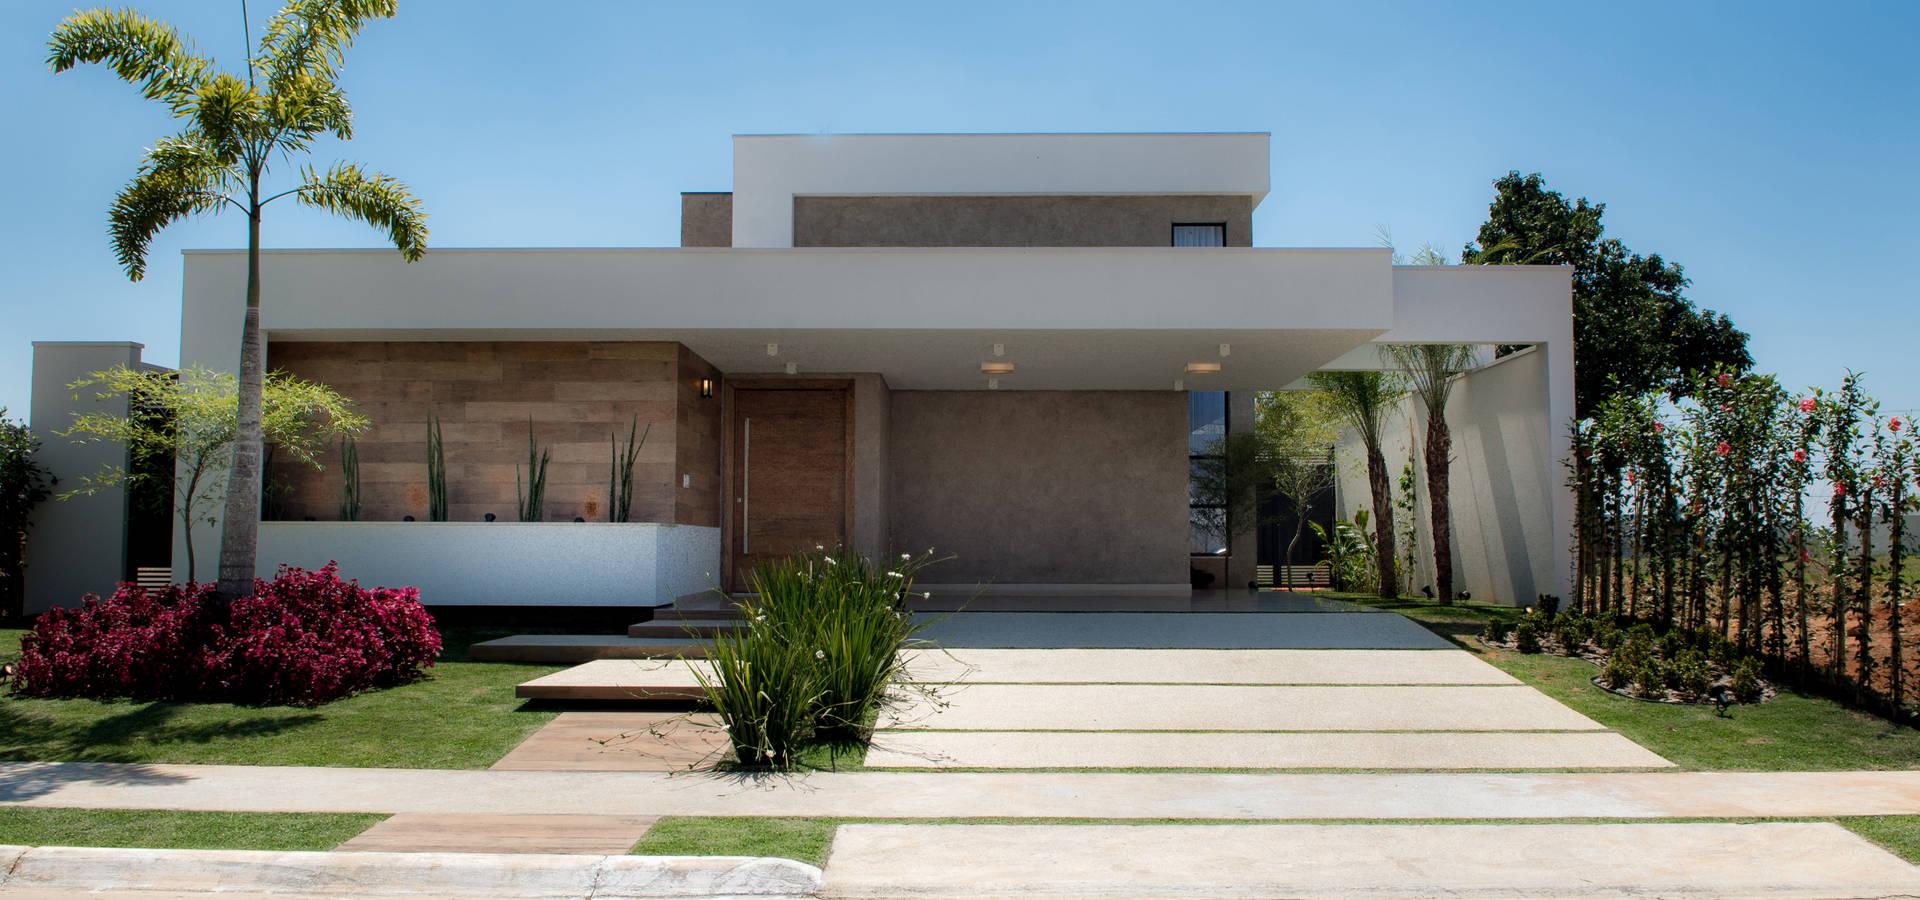 Sobrado moderno por camila castilho arquitetura e for Casa moderno a